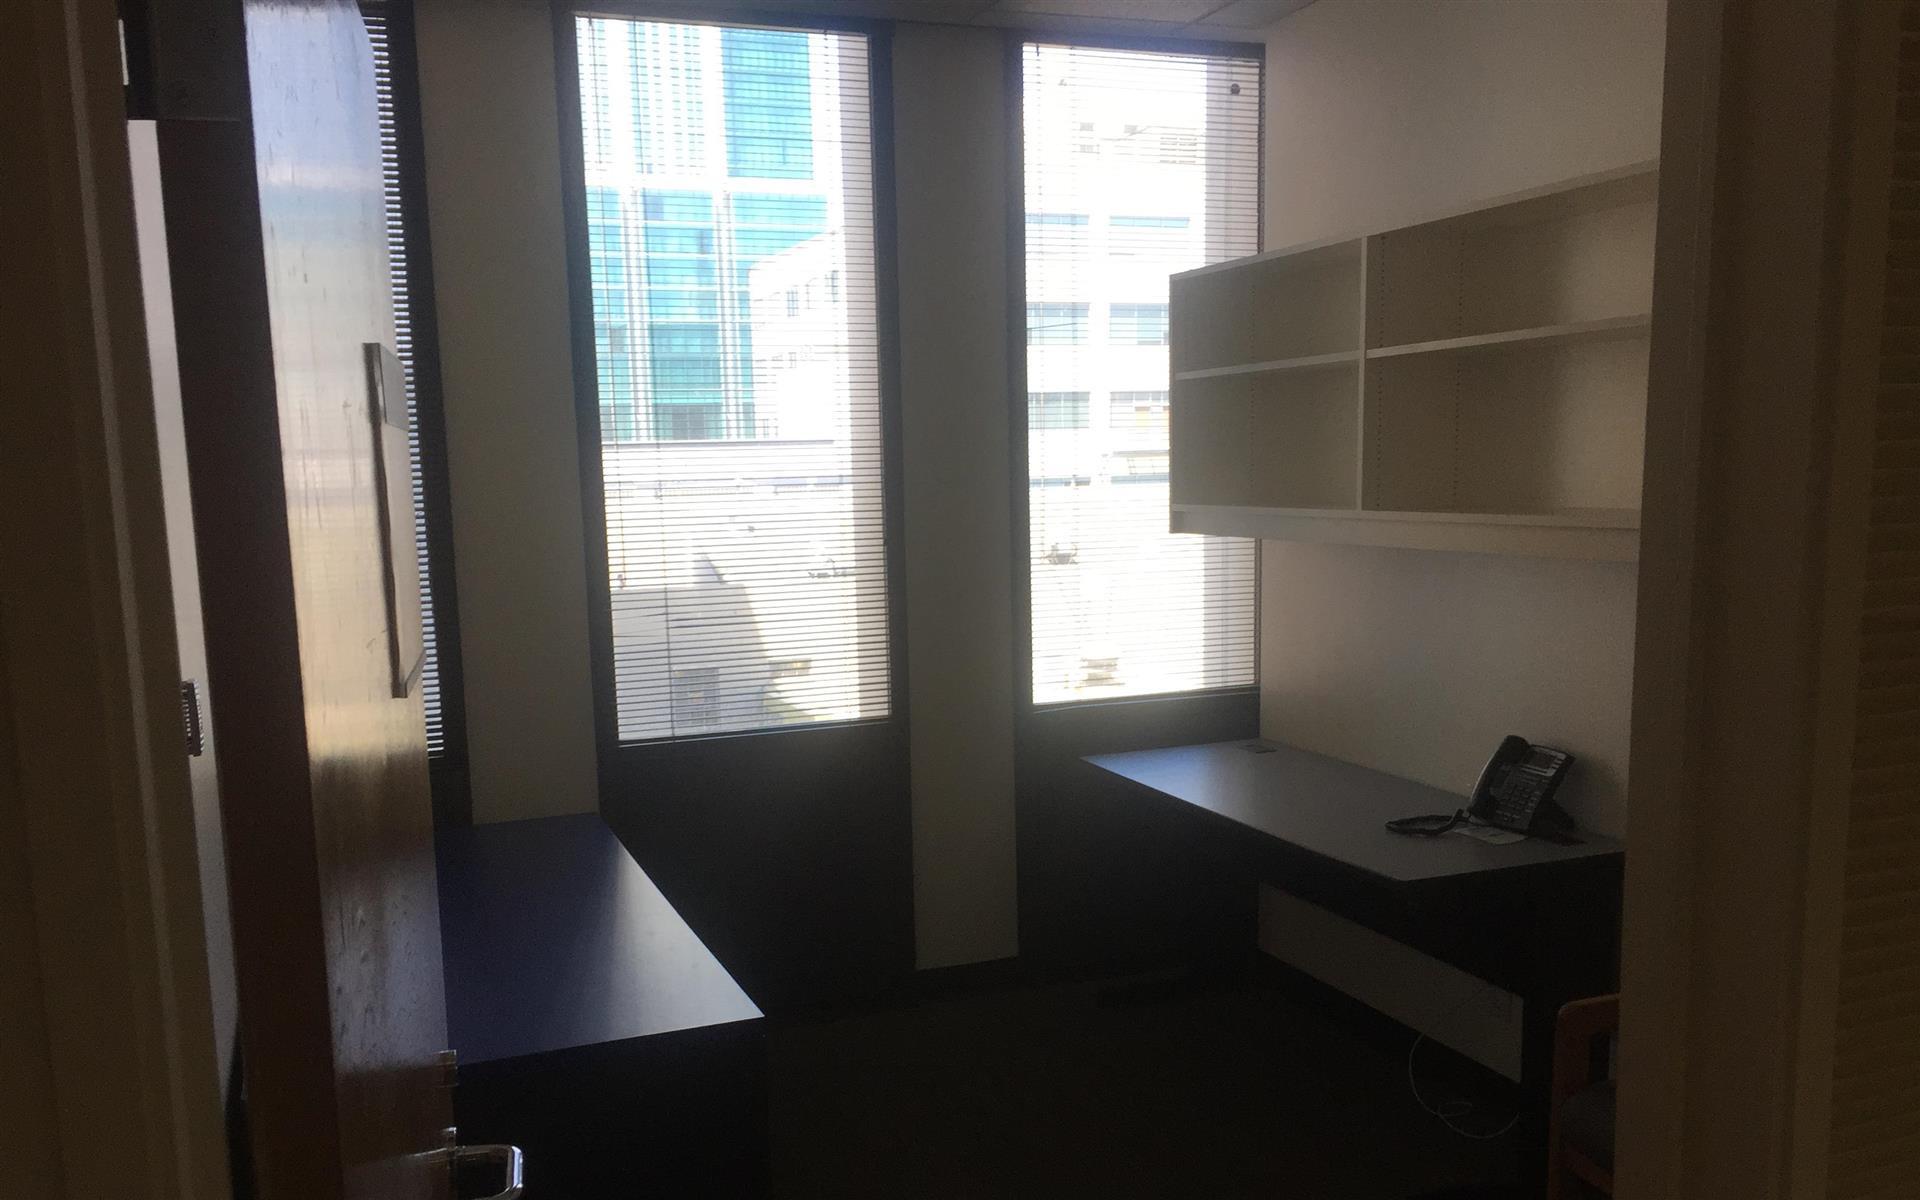 Renaissance Entrepreneurship Center - Office #406